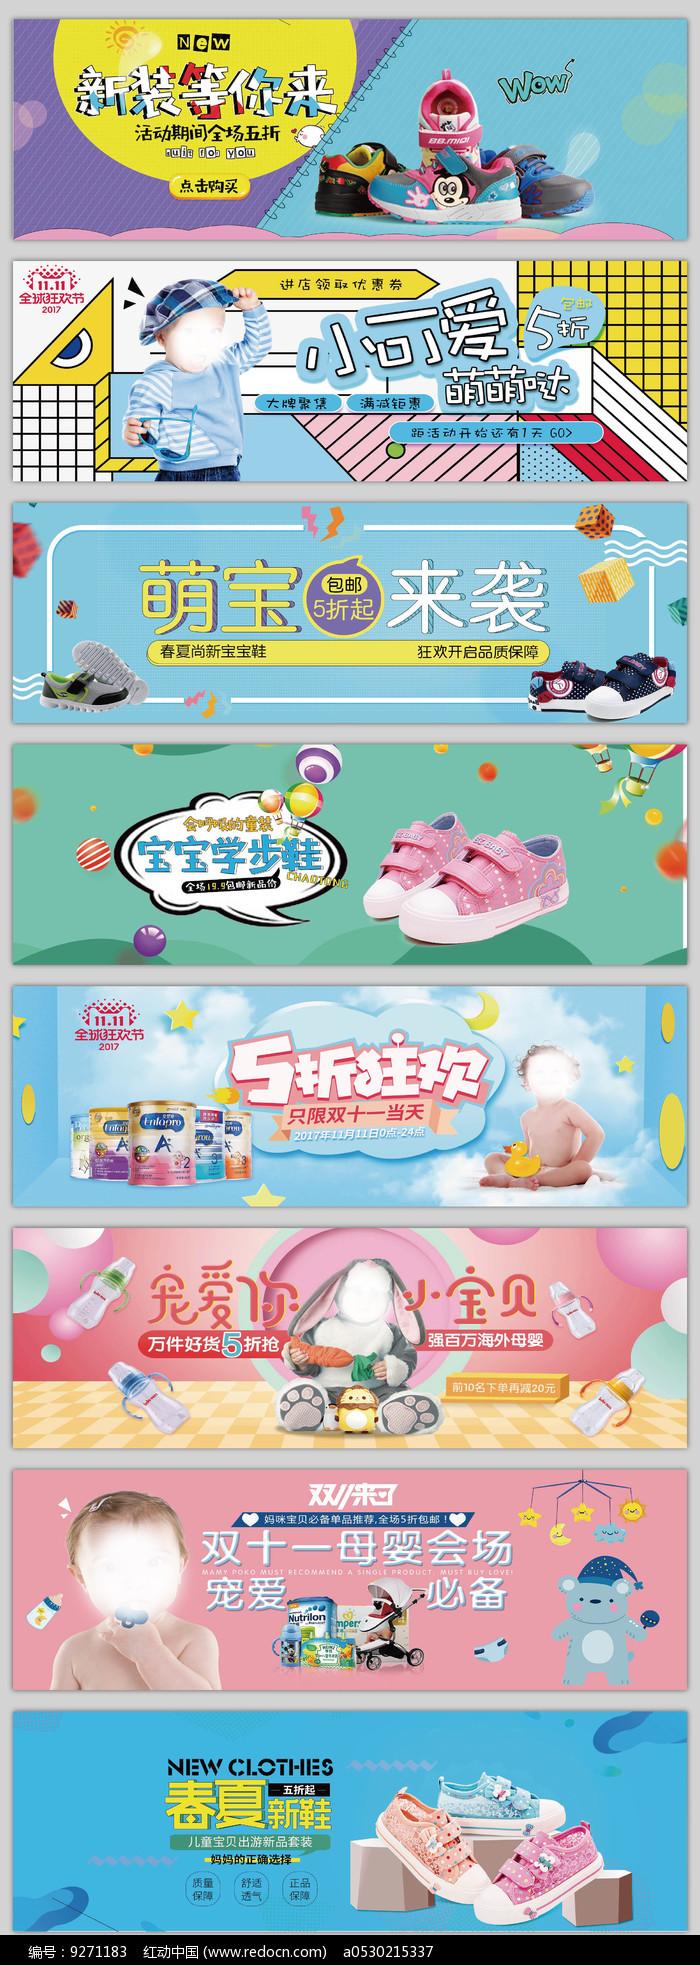 创意母婴用品童装童鞋活动海报图片